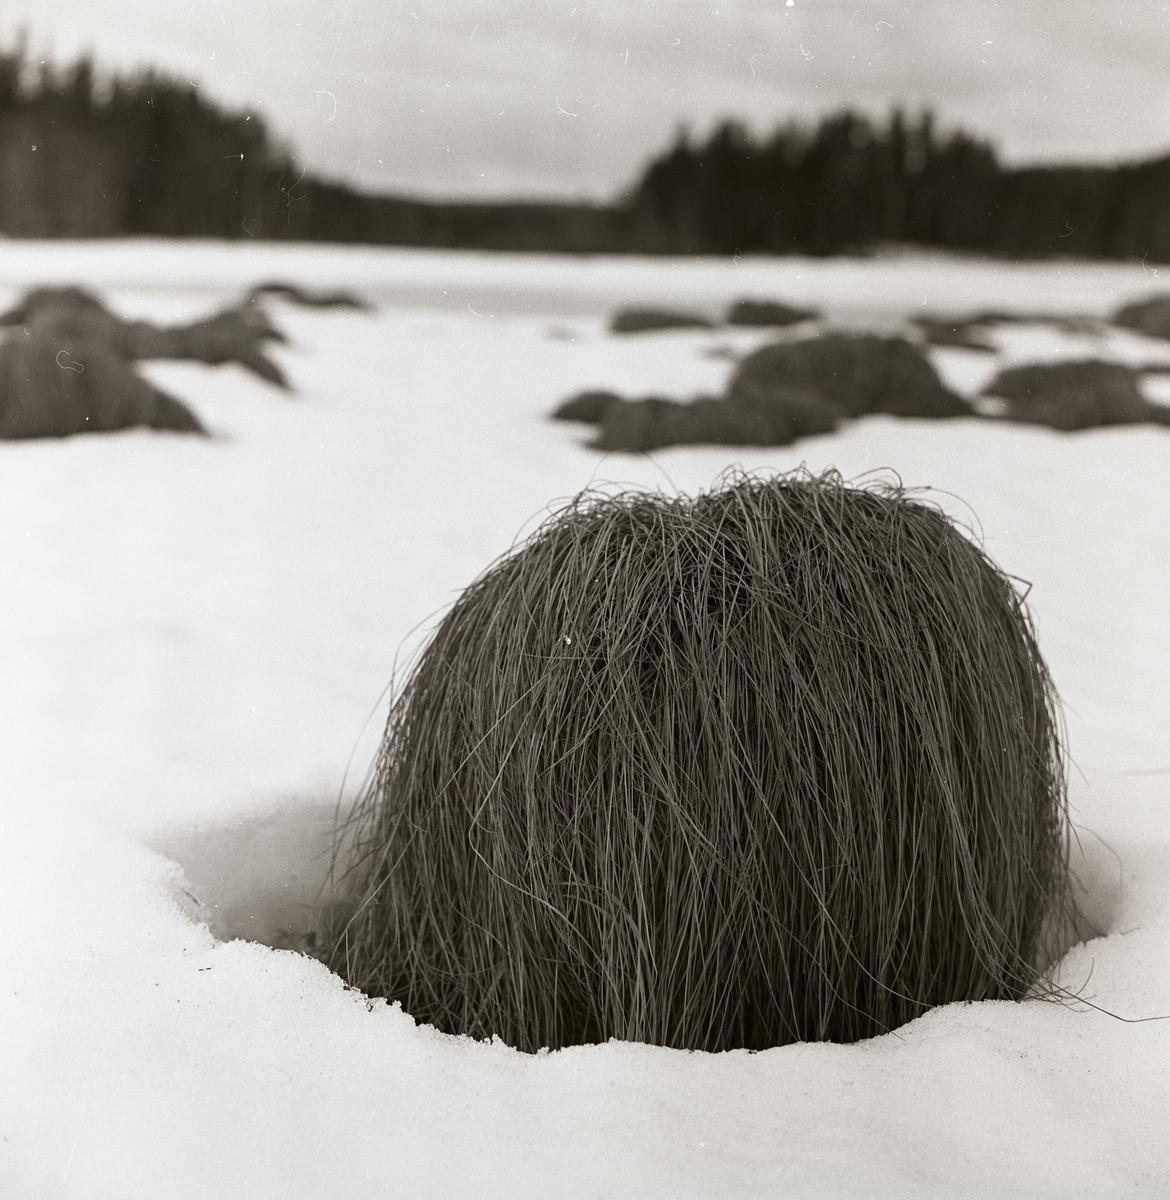 En grästuva med långa, hängande strån i snön.